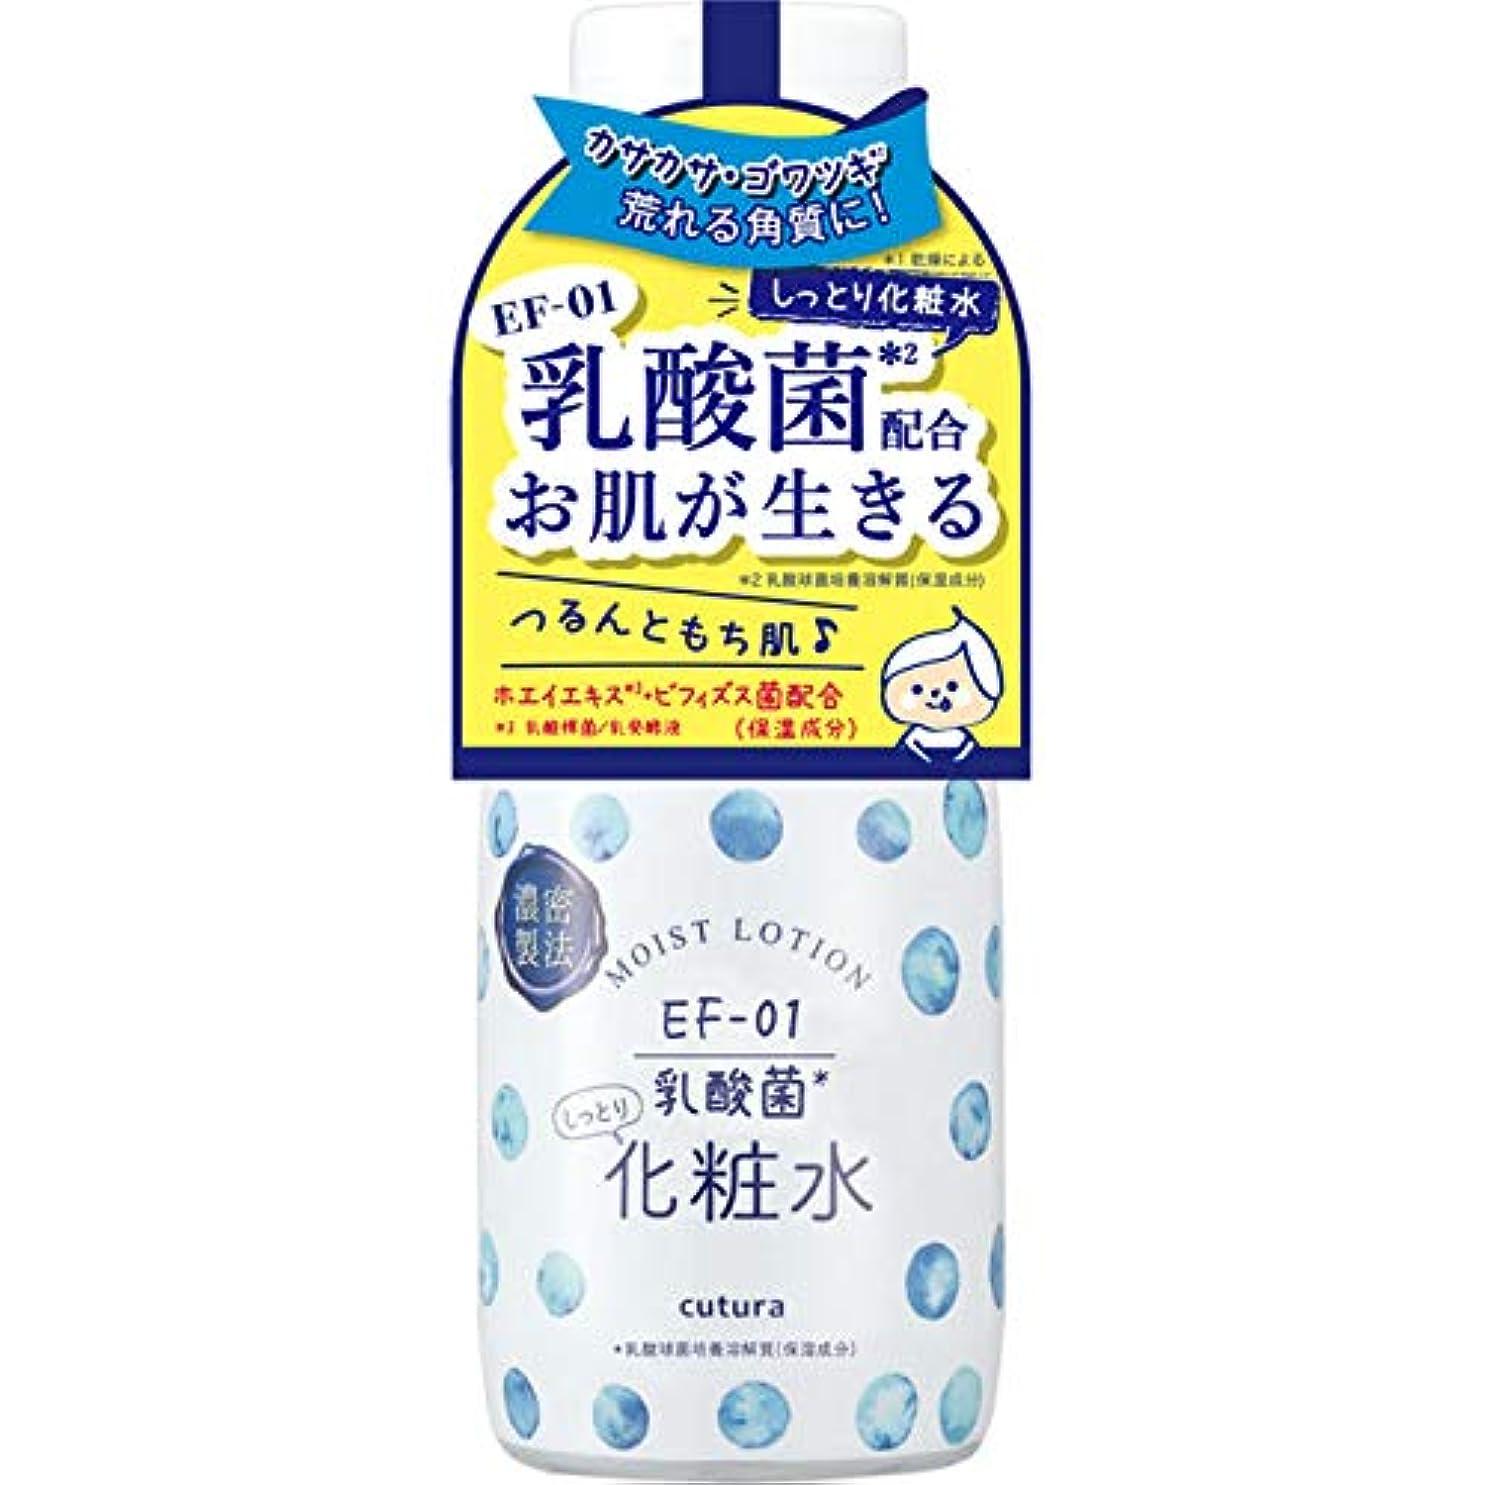 ベーカリー空気分解するpdc キュチュラ しっとり化粧水 N 200ml